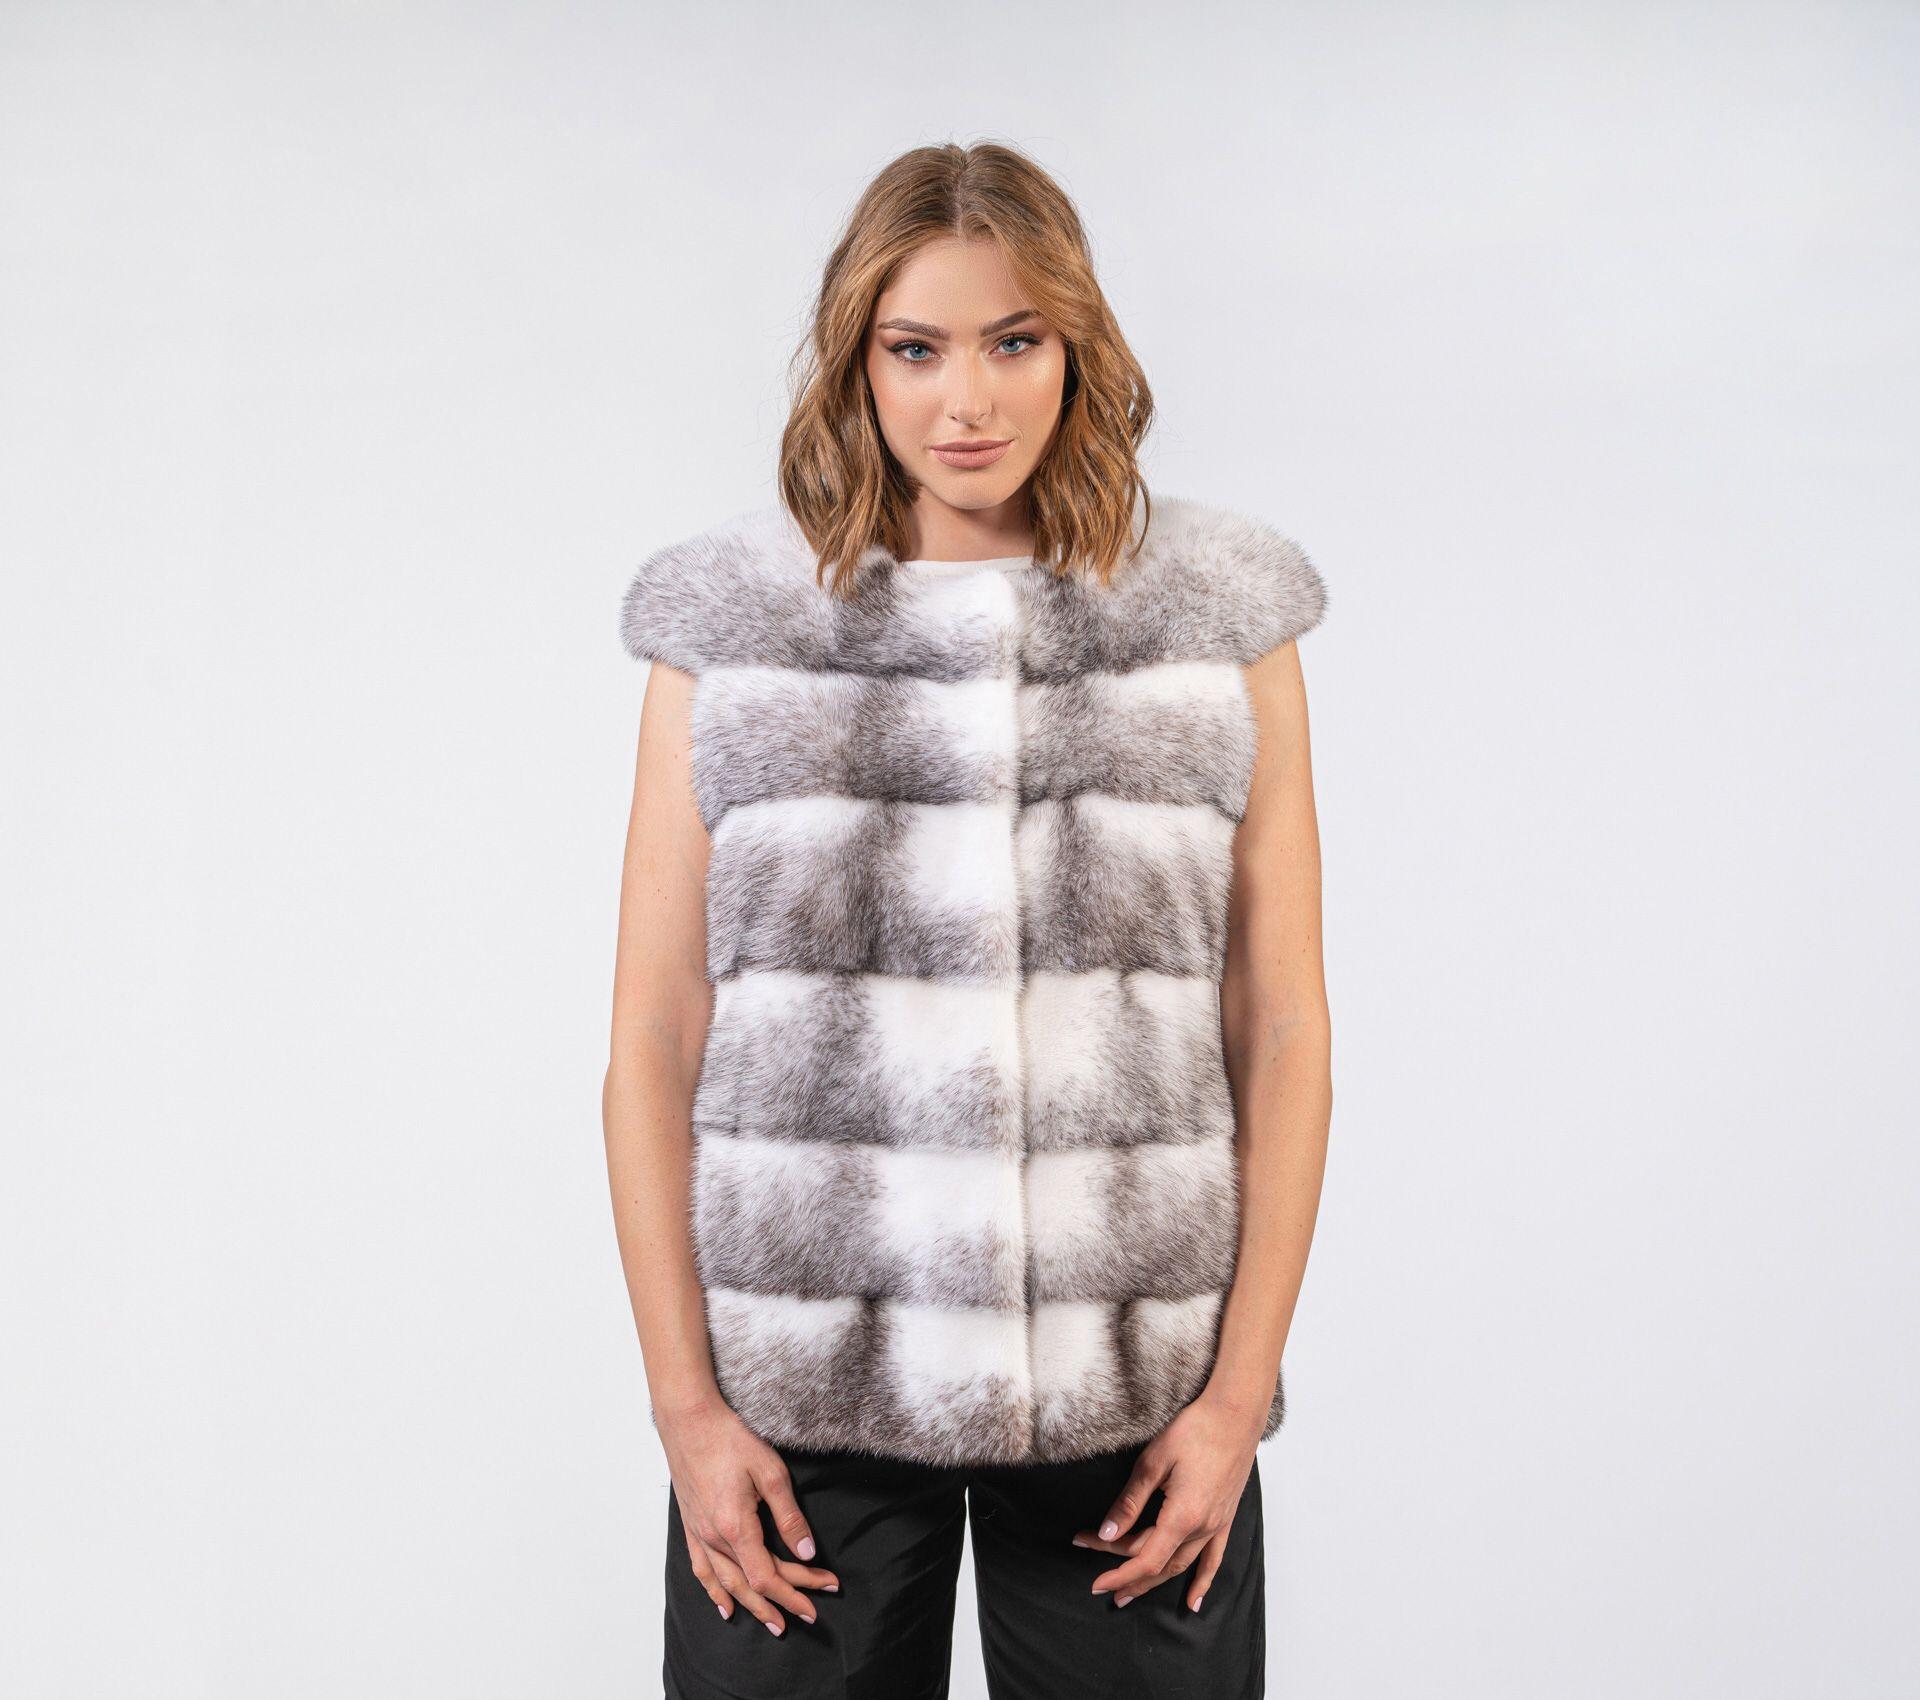 سترة من فرو المنك الطبيعي المتقاطع للنساء ، سترة من فرو المنك الأصلي لفصل الشتاء الدافئ ، أزياء غير رسمية 2020